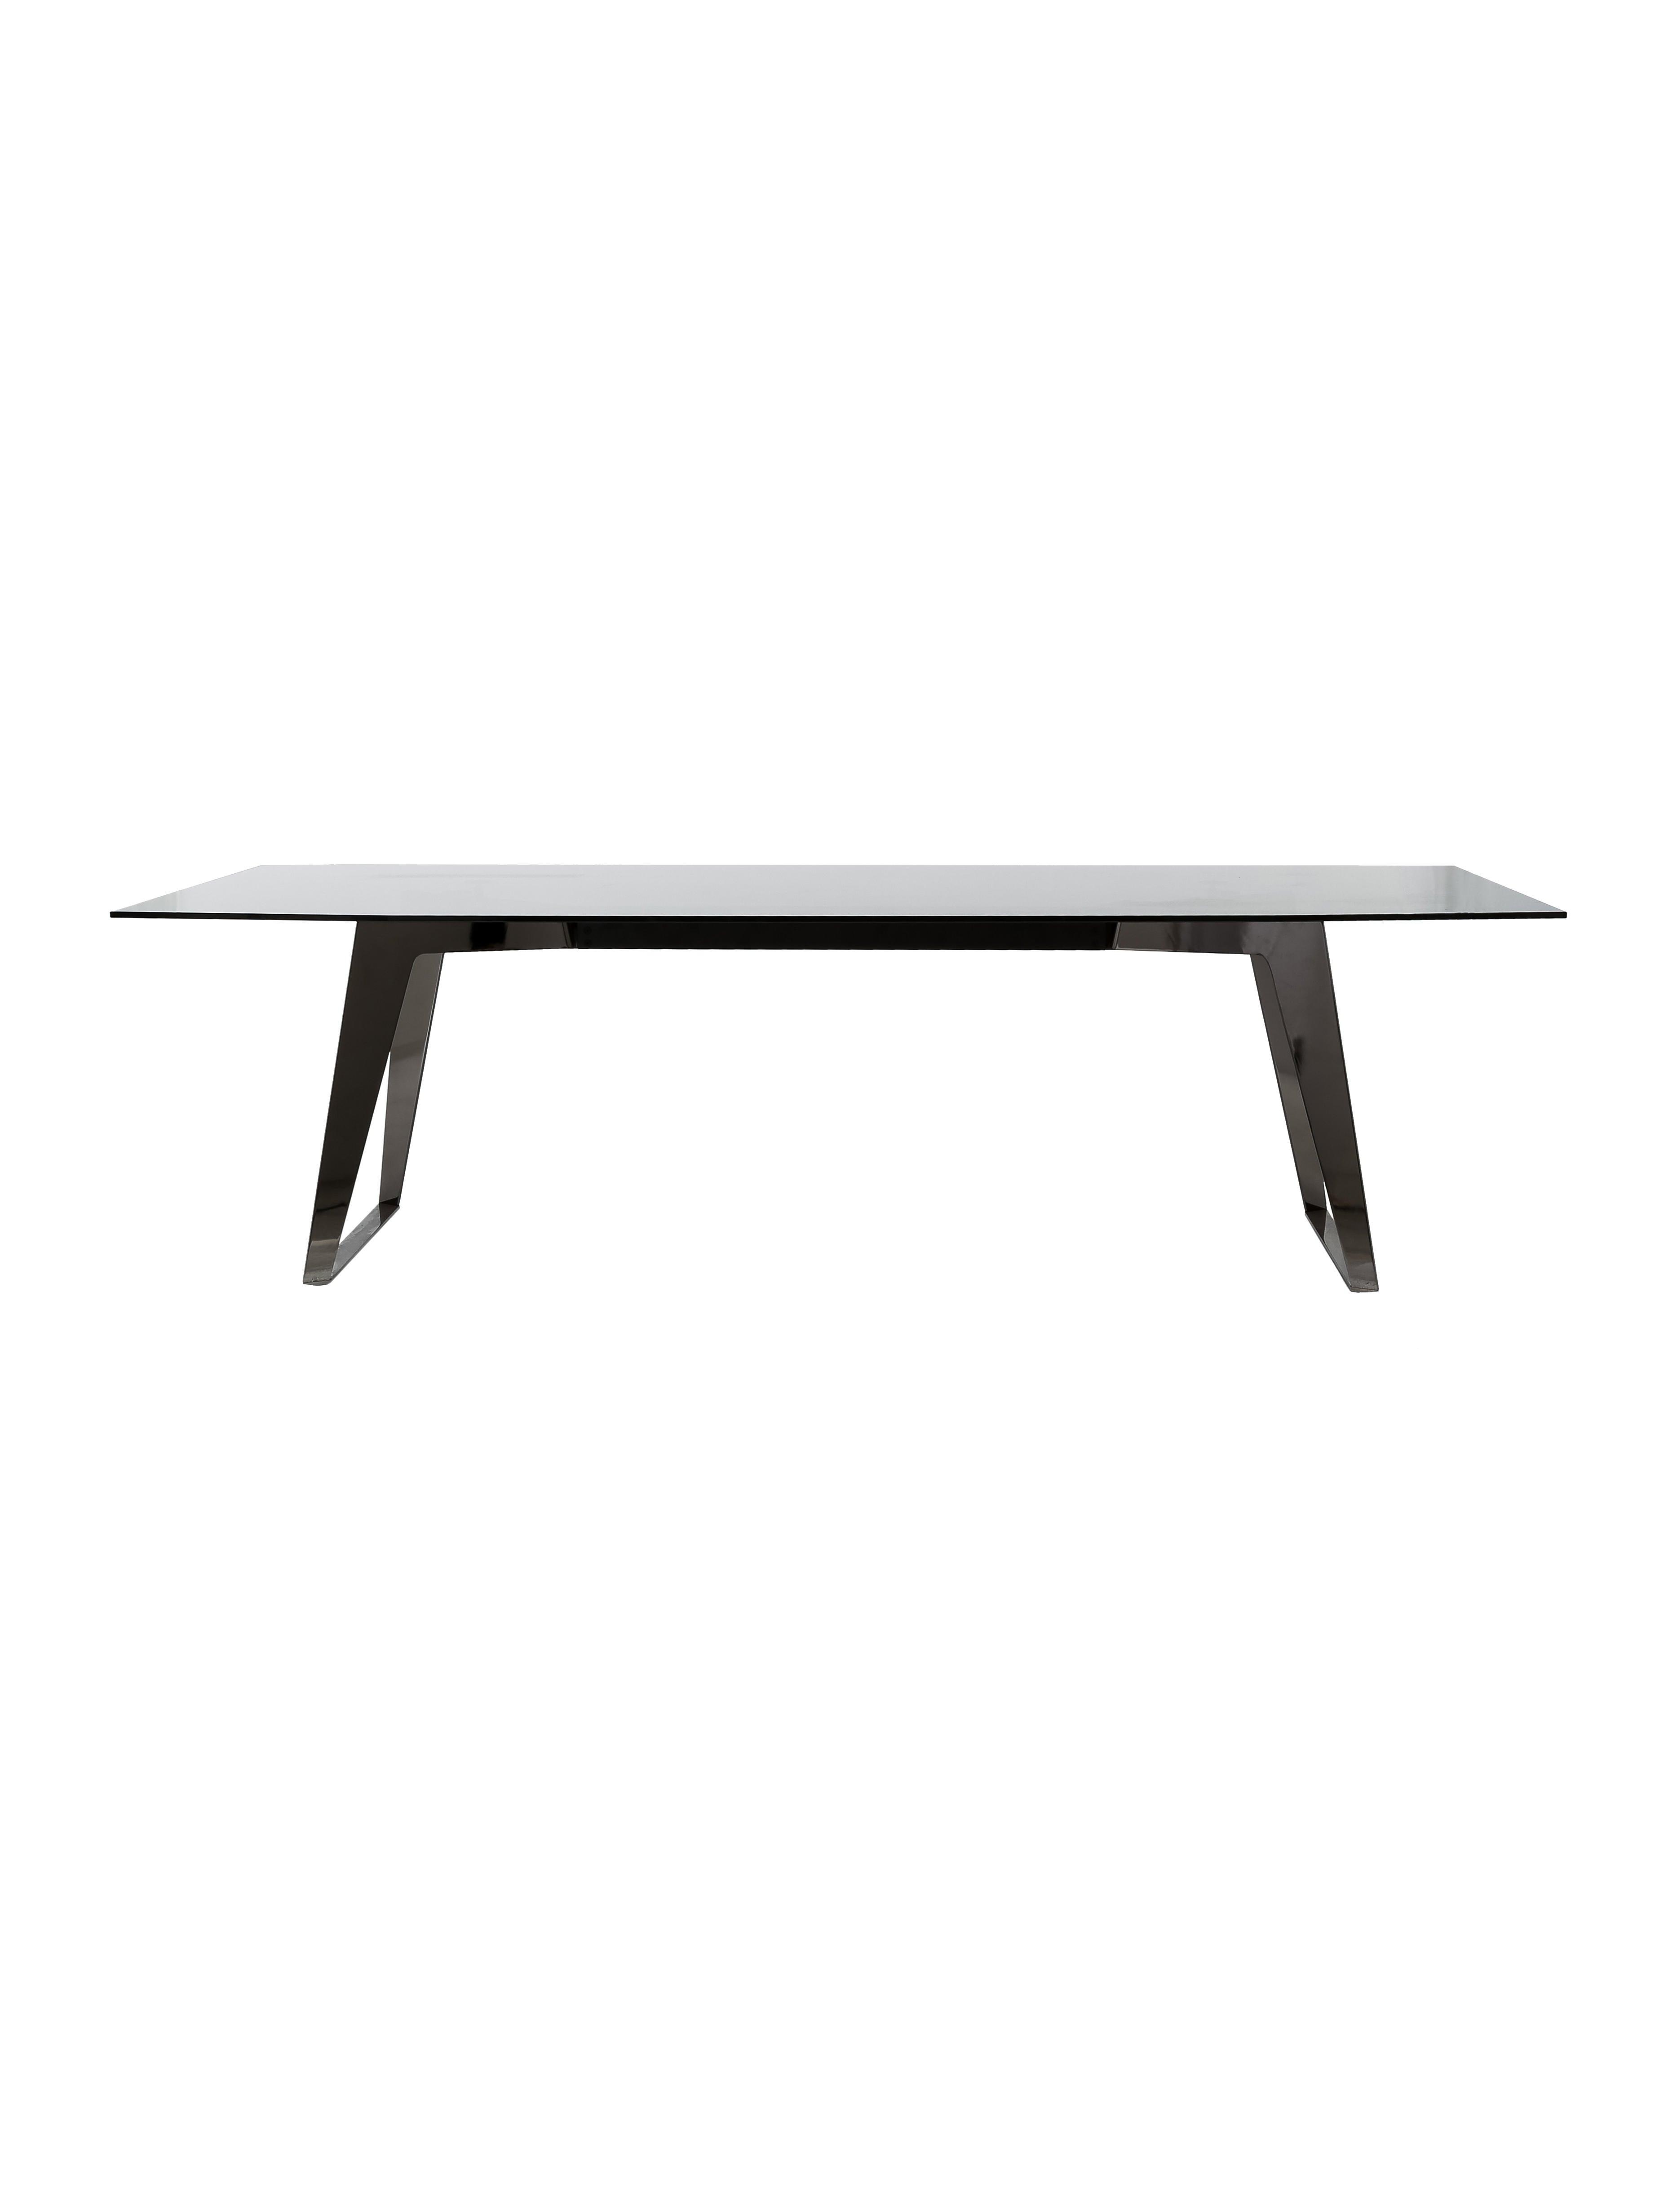 Roche bobois glass dining table furniture bob20029 the realreal - Table basse verre roche bobois ...